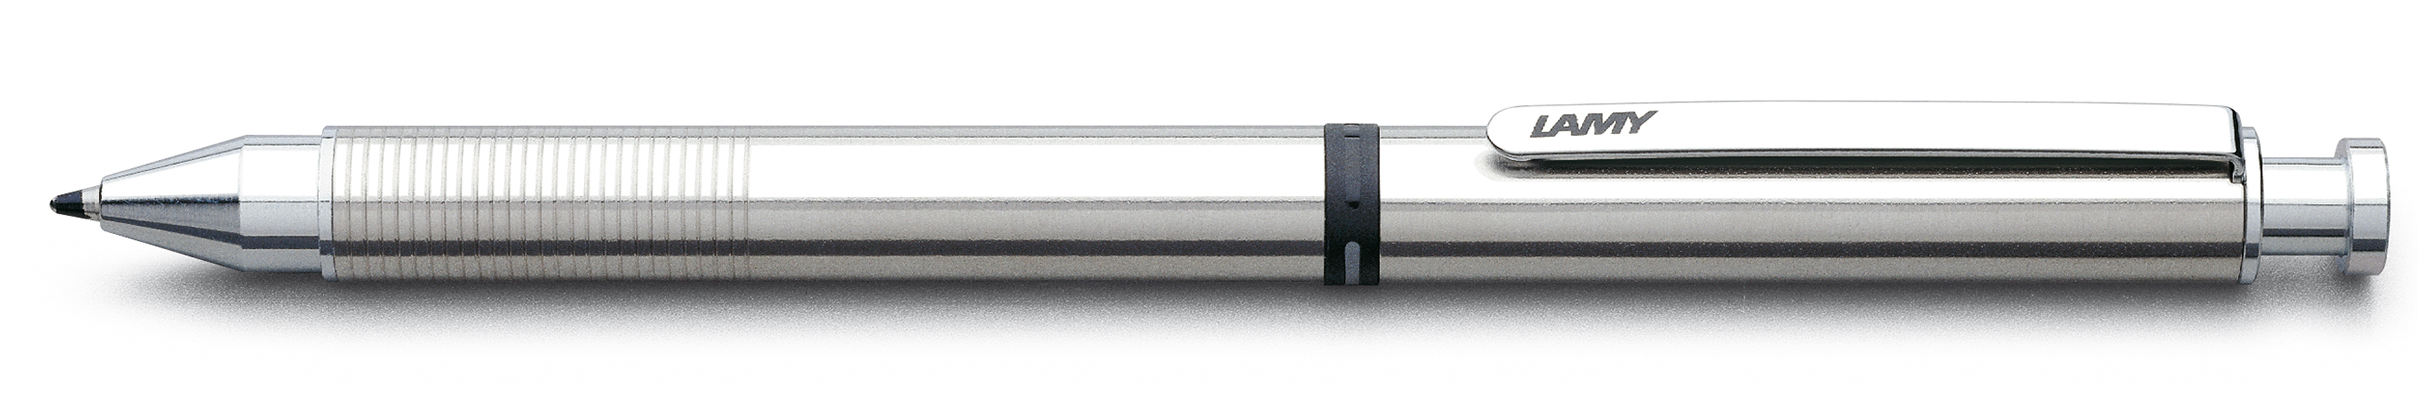 Lamy Tri-pen Steel